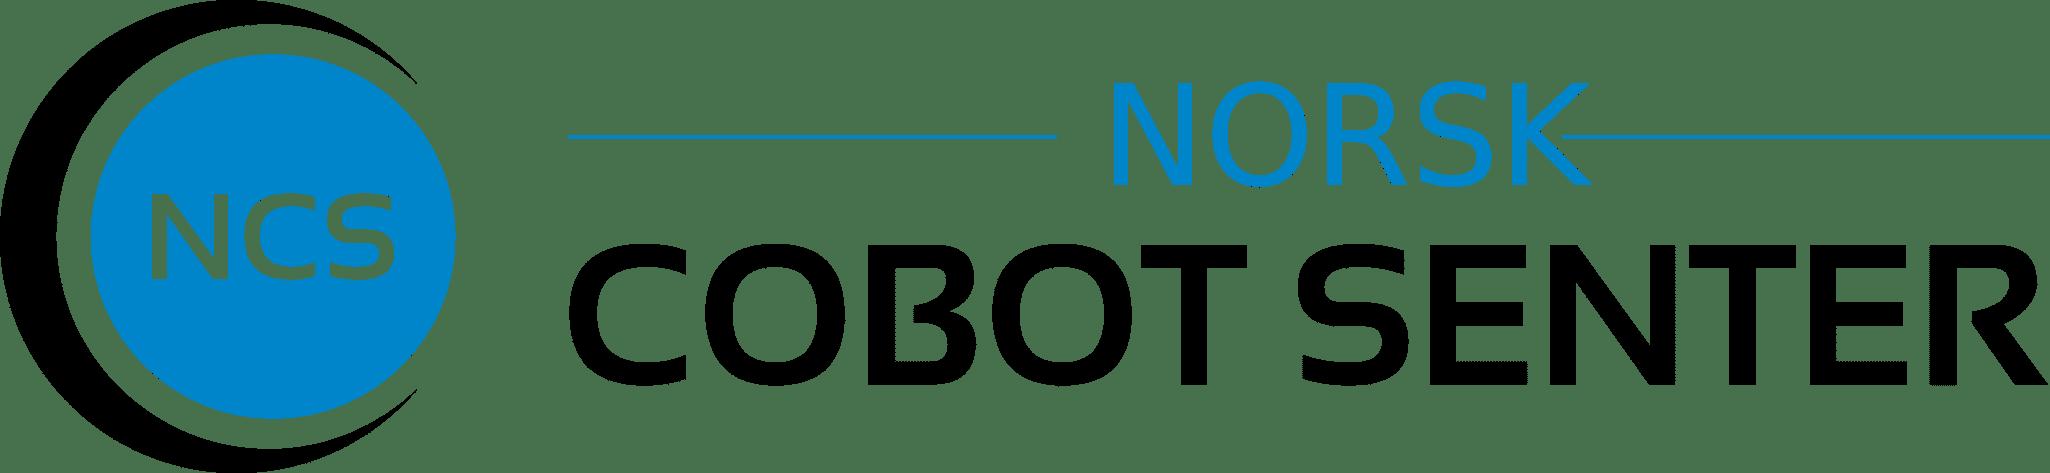 Norsk Cobot Senter